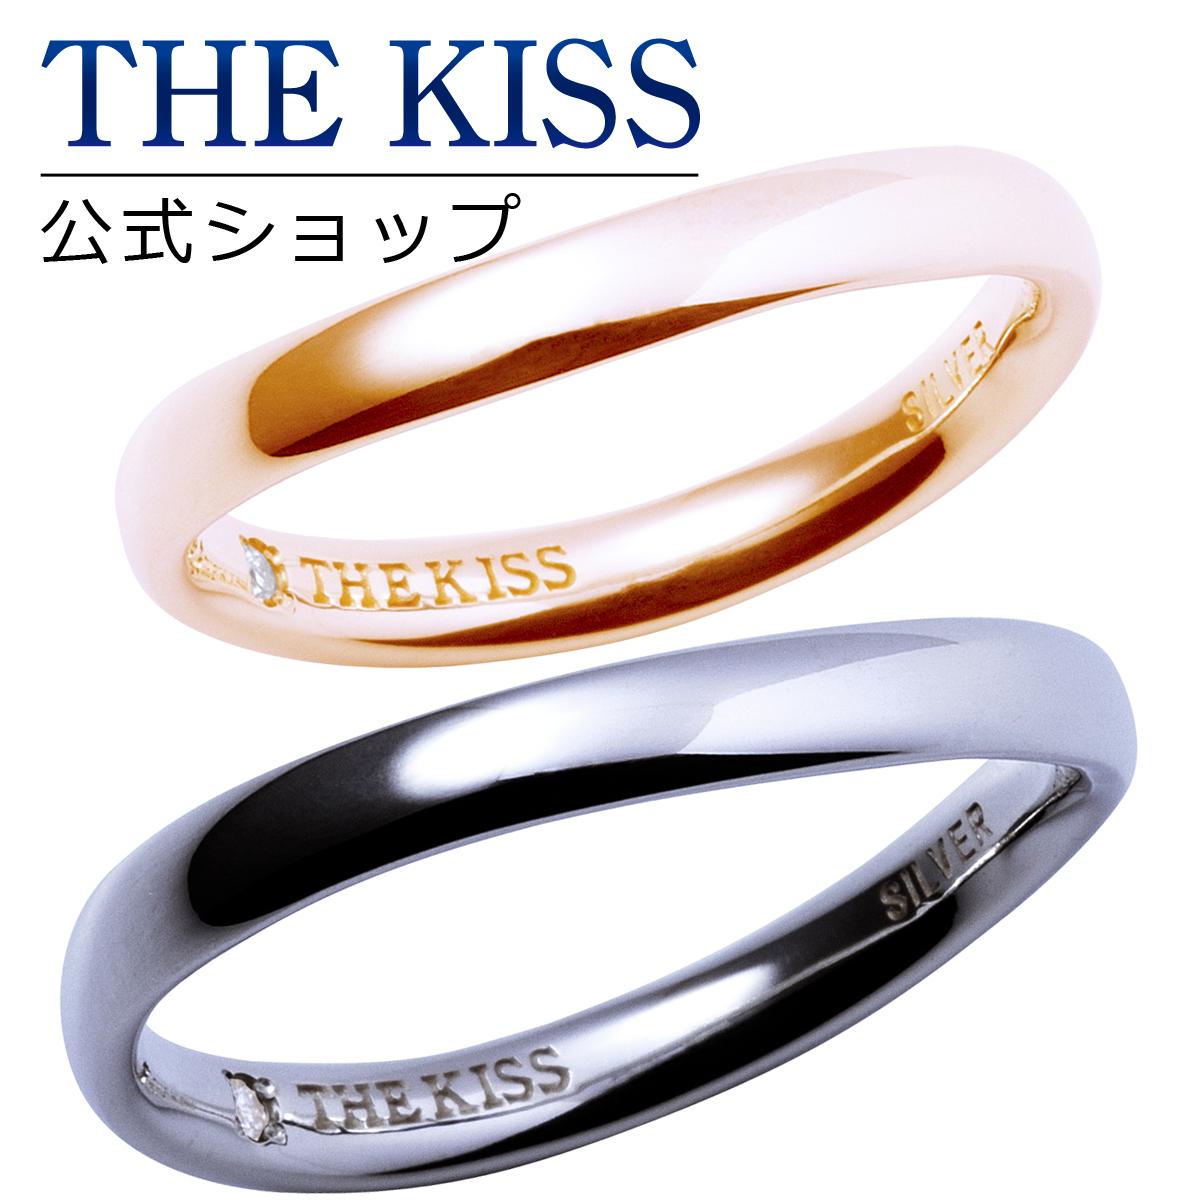 【あす楽対応】THE KISS 公式サイト シルバー ペアリング ダイヤモンド ペアアクセサリー カップル に 人気 の ジュエリーブランド THEKISS ペア リング・指輪 記念日 プレゼント SR1538DM-1539DM セット シンプル ザキス 【送料無料】